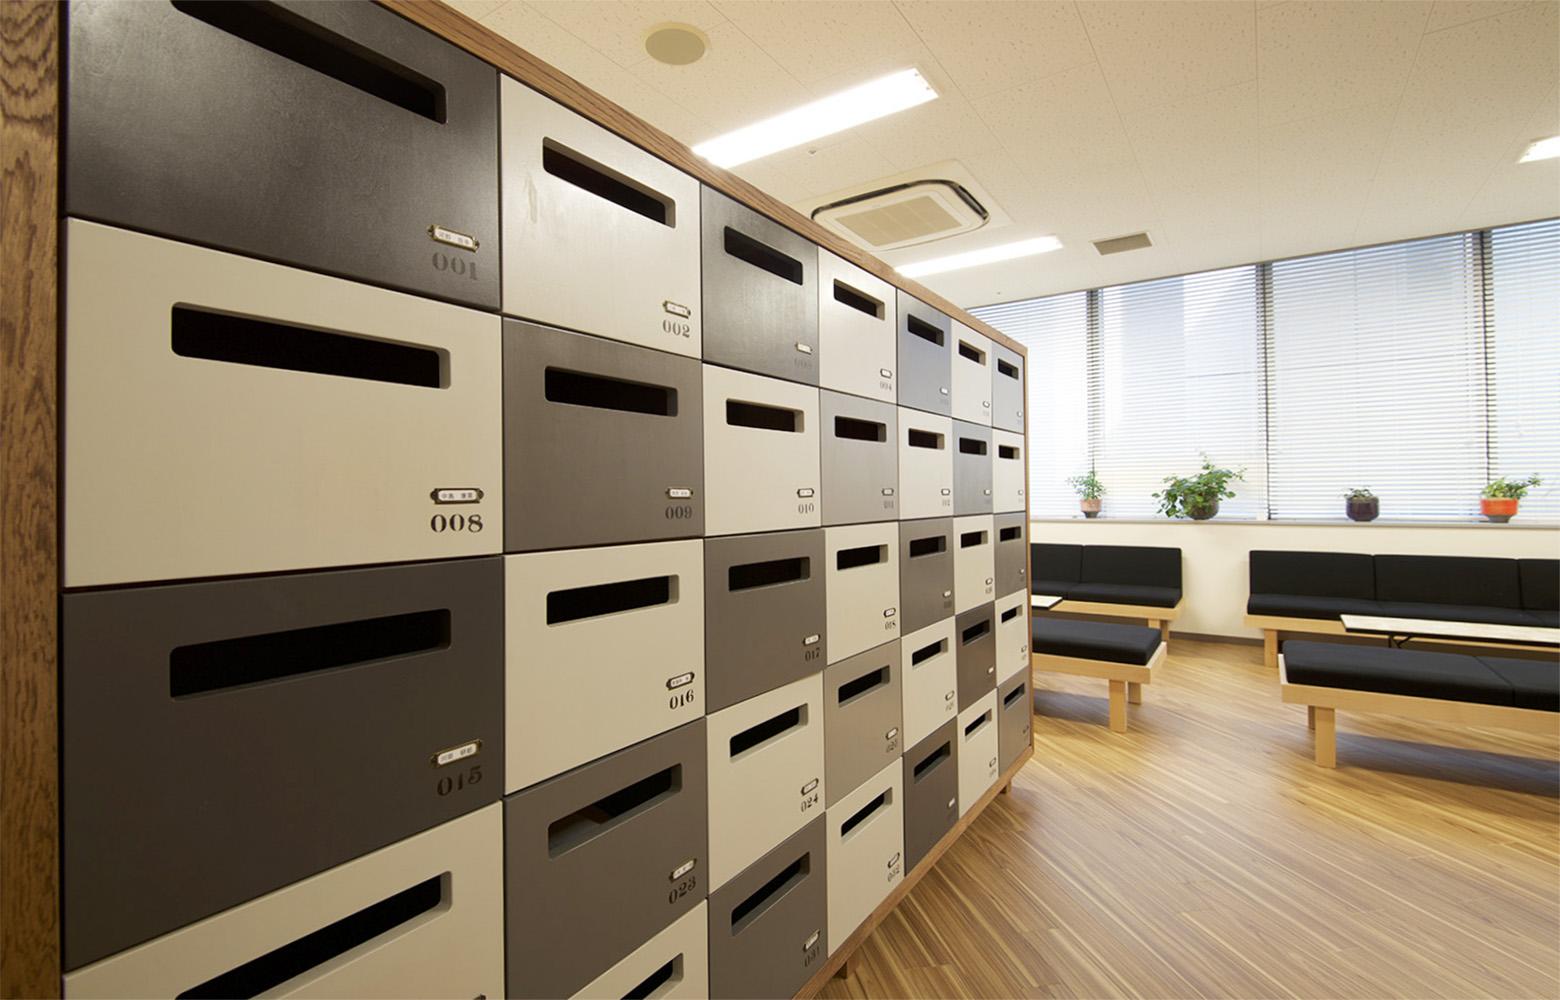 東京医科歯科大学 Shelf_2 デザイン・レイアウト事例